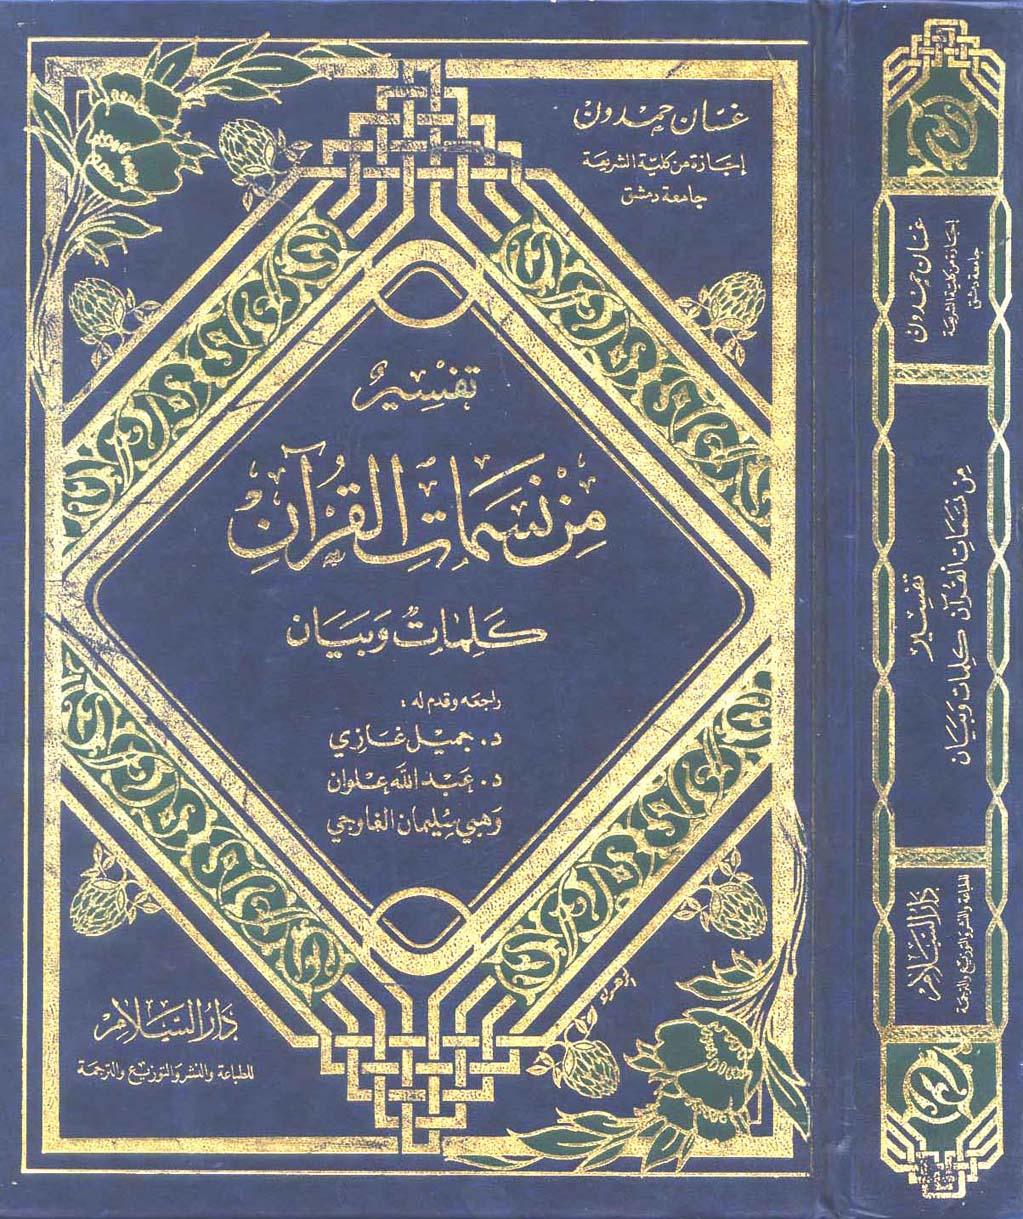 تحميل كتاب تفسير من نسمات القرآن كلمات وبيان لـِ: الدكتور غسان عبد السلام الواعي الشيخ حمدون